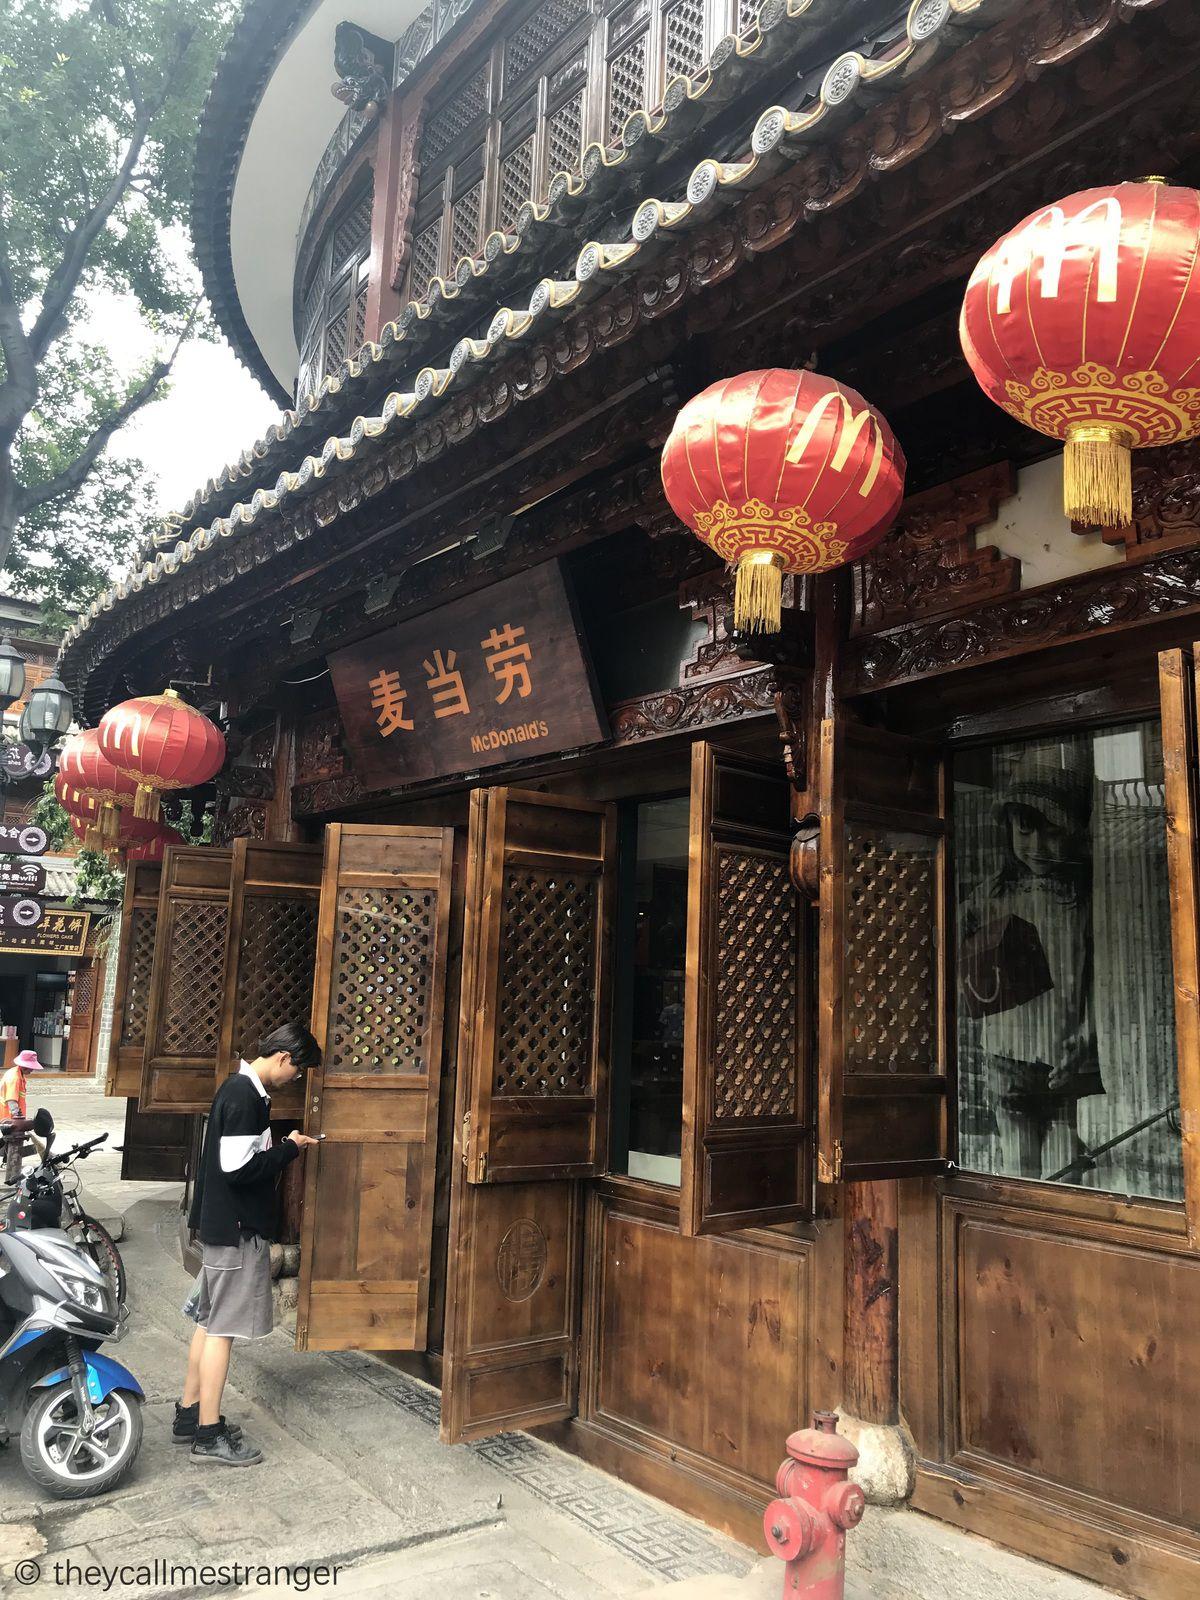 La vieille ville de Dali 大理古城